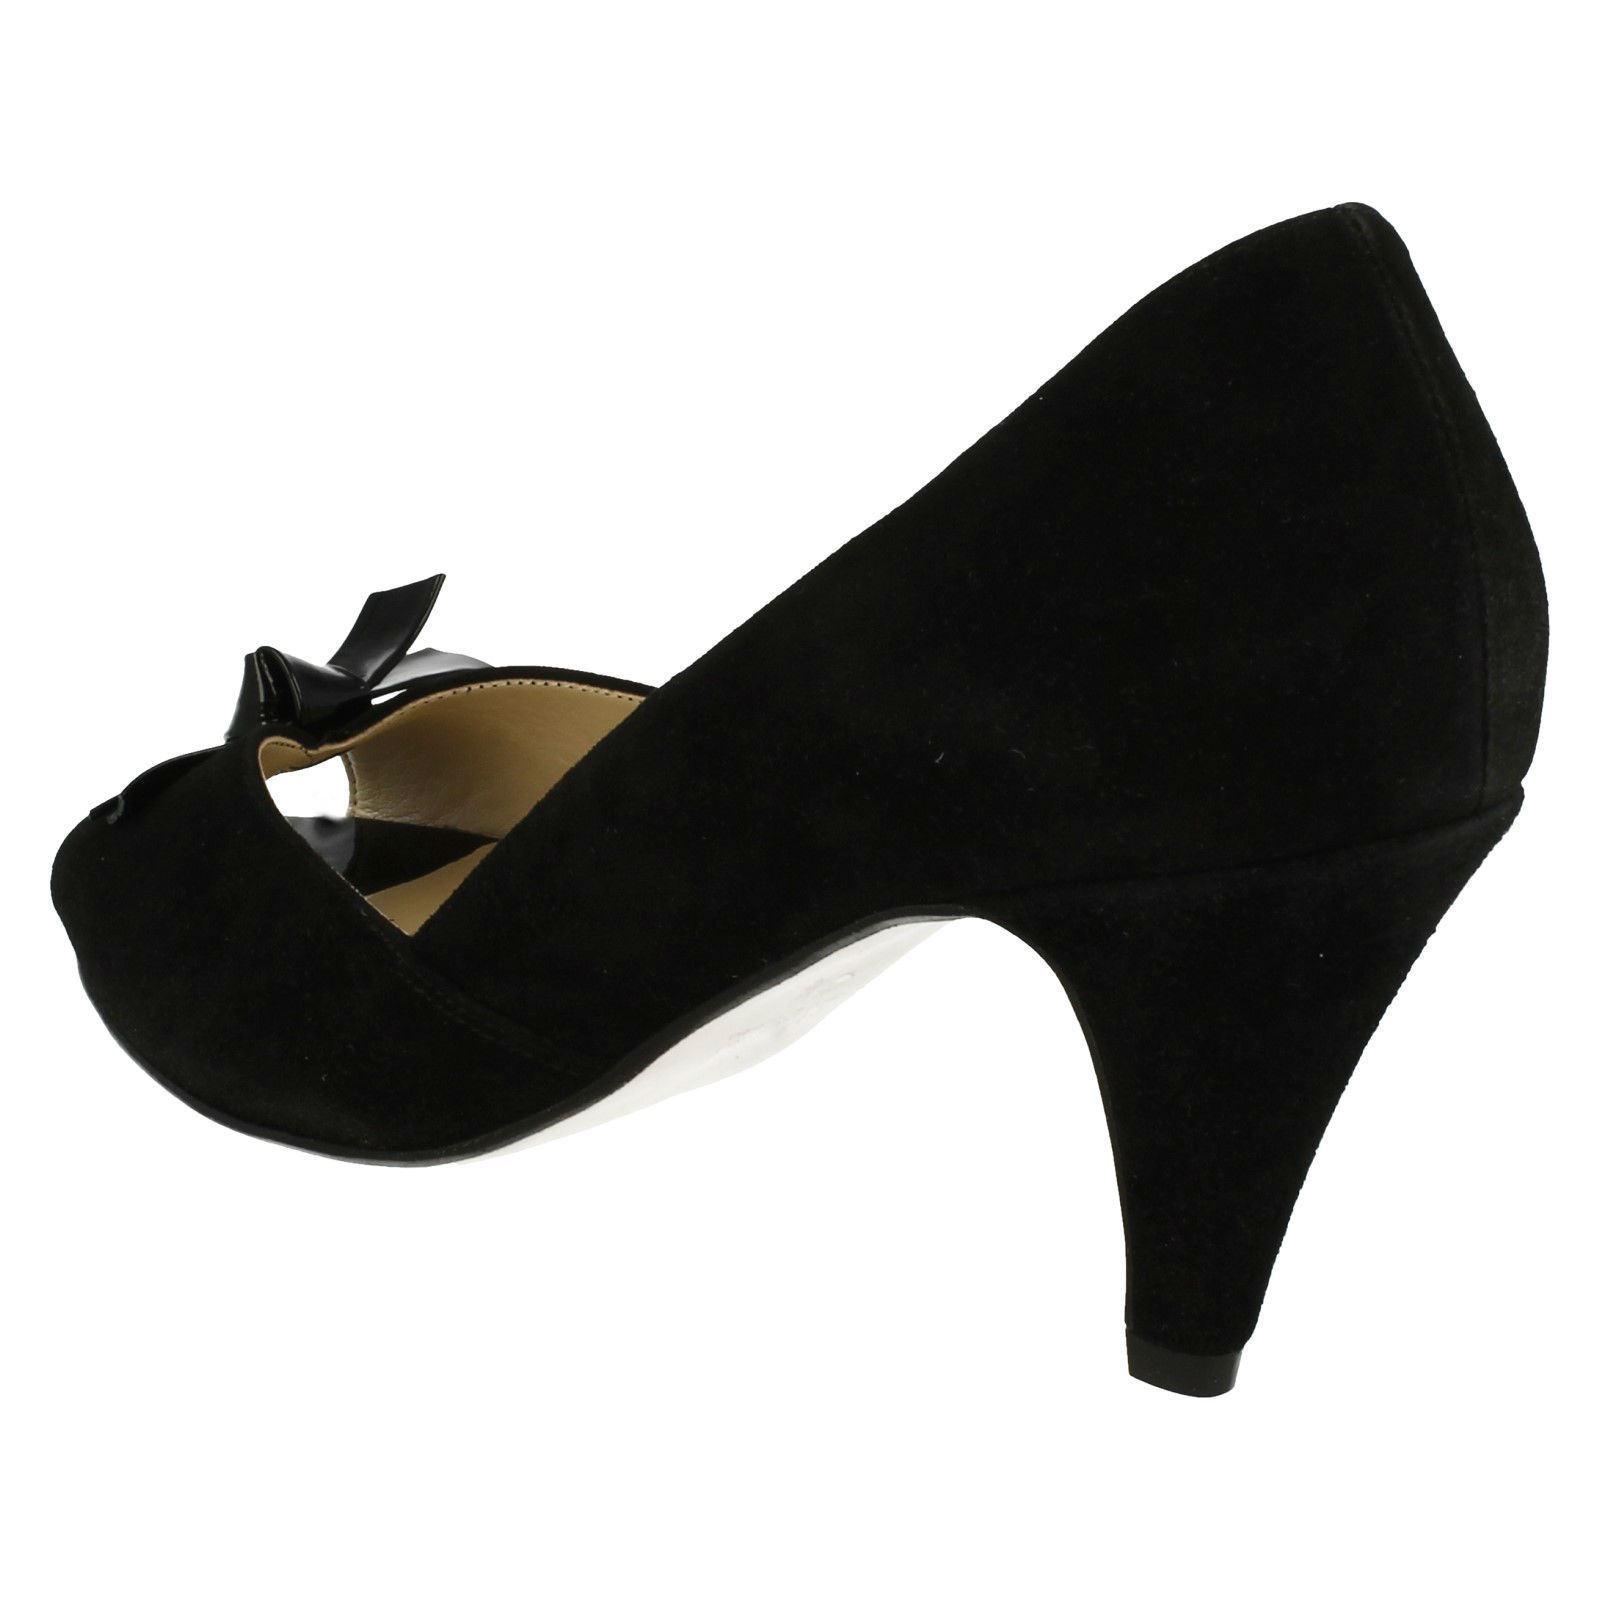 Ladies Van Dal Heydon Formal Peep Toe Heels With Bow Trim